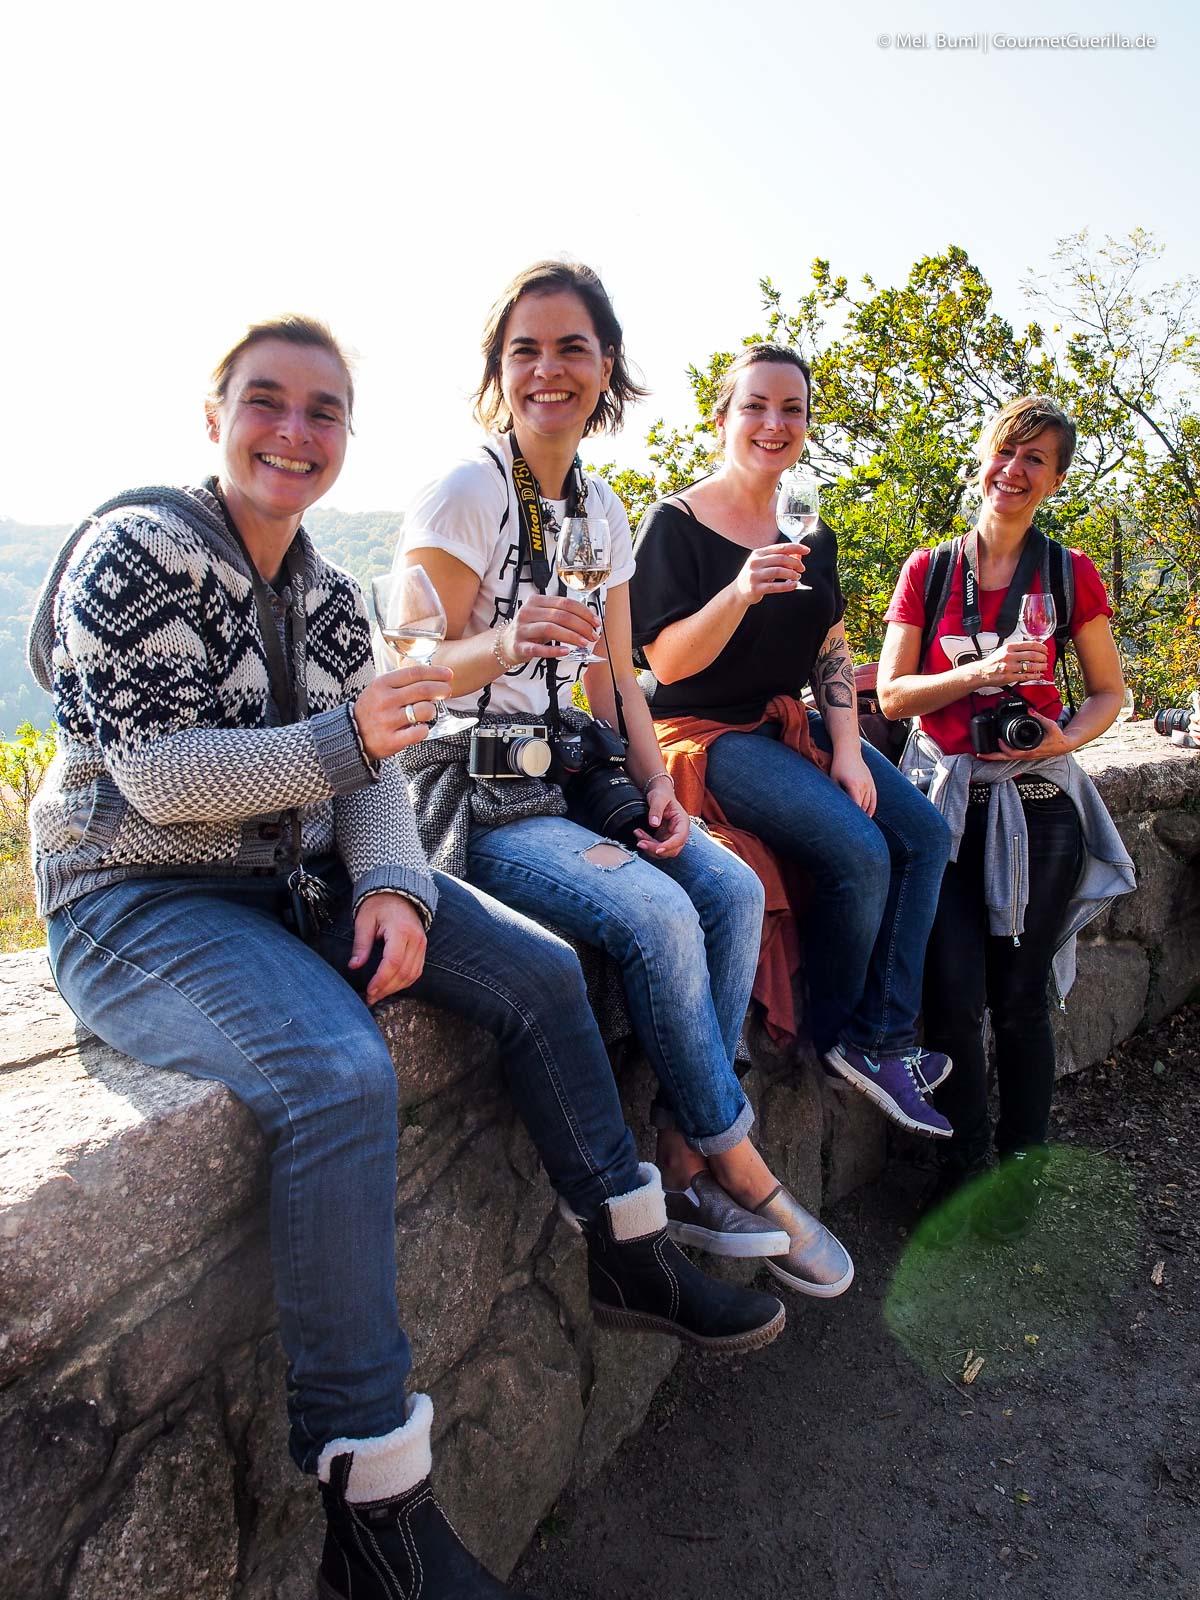 Weinberg Weinwandern Weingut Mariaberg Anja Fritz Sächsische Weinstraße |GourmetGuerilla.de